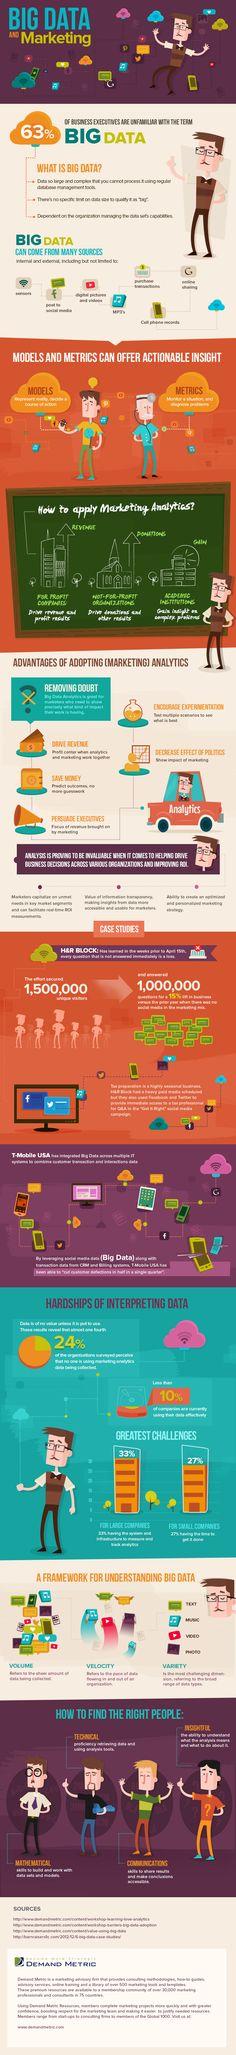 Big Data & Marketing